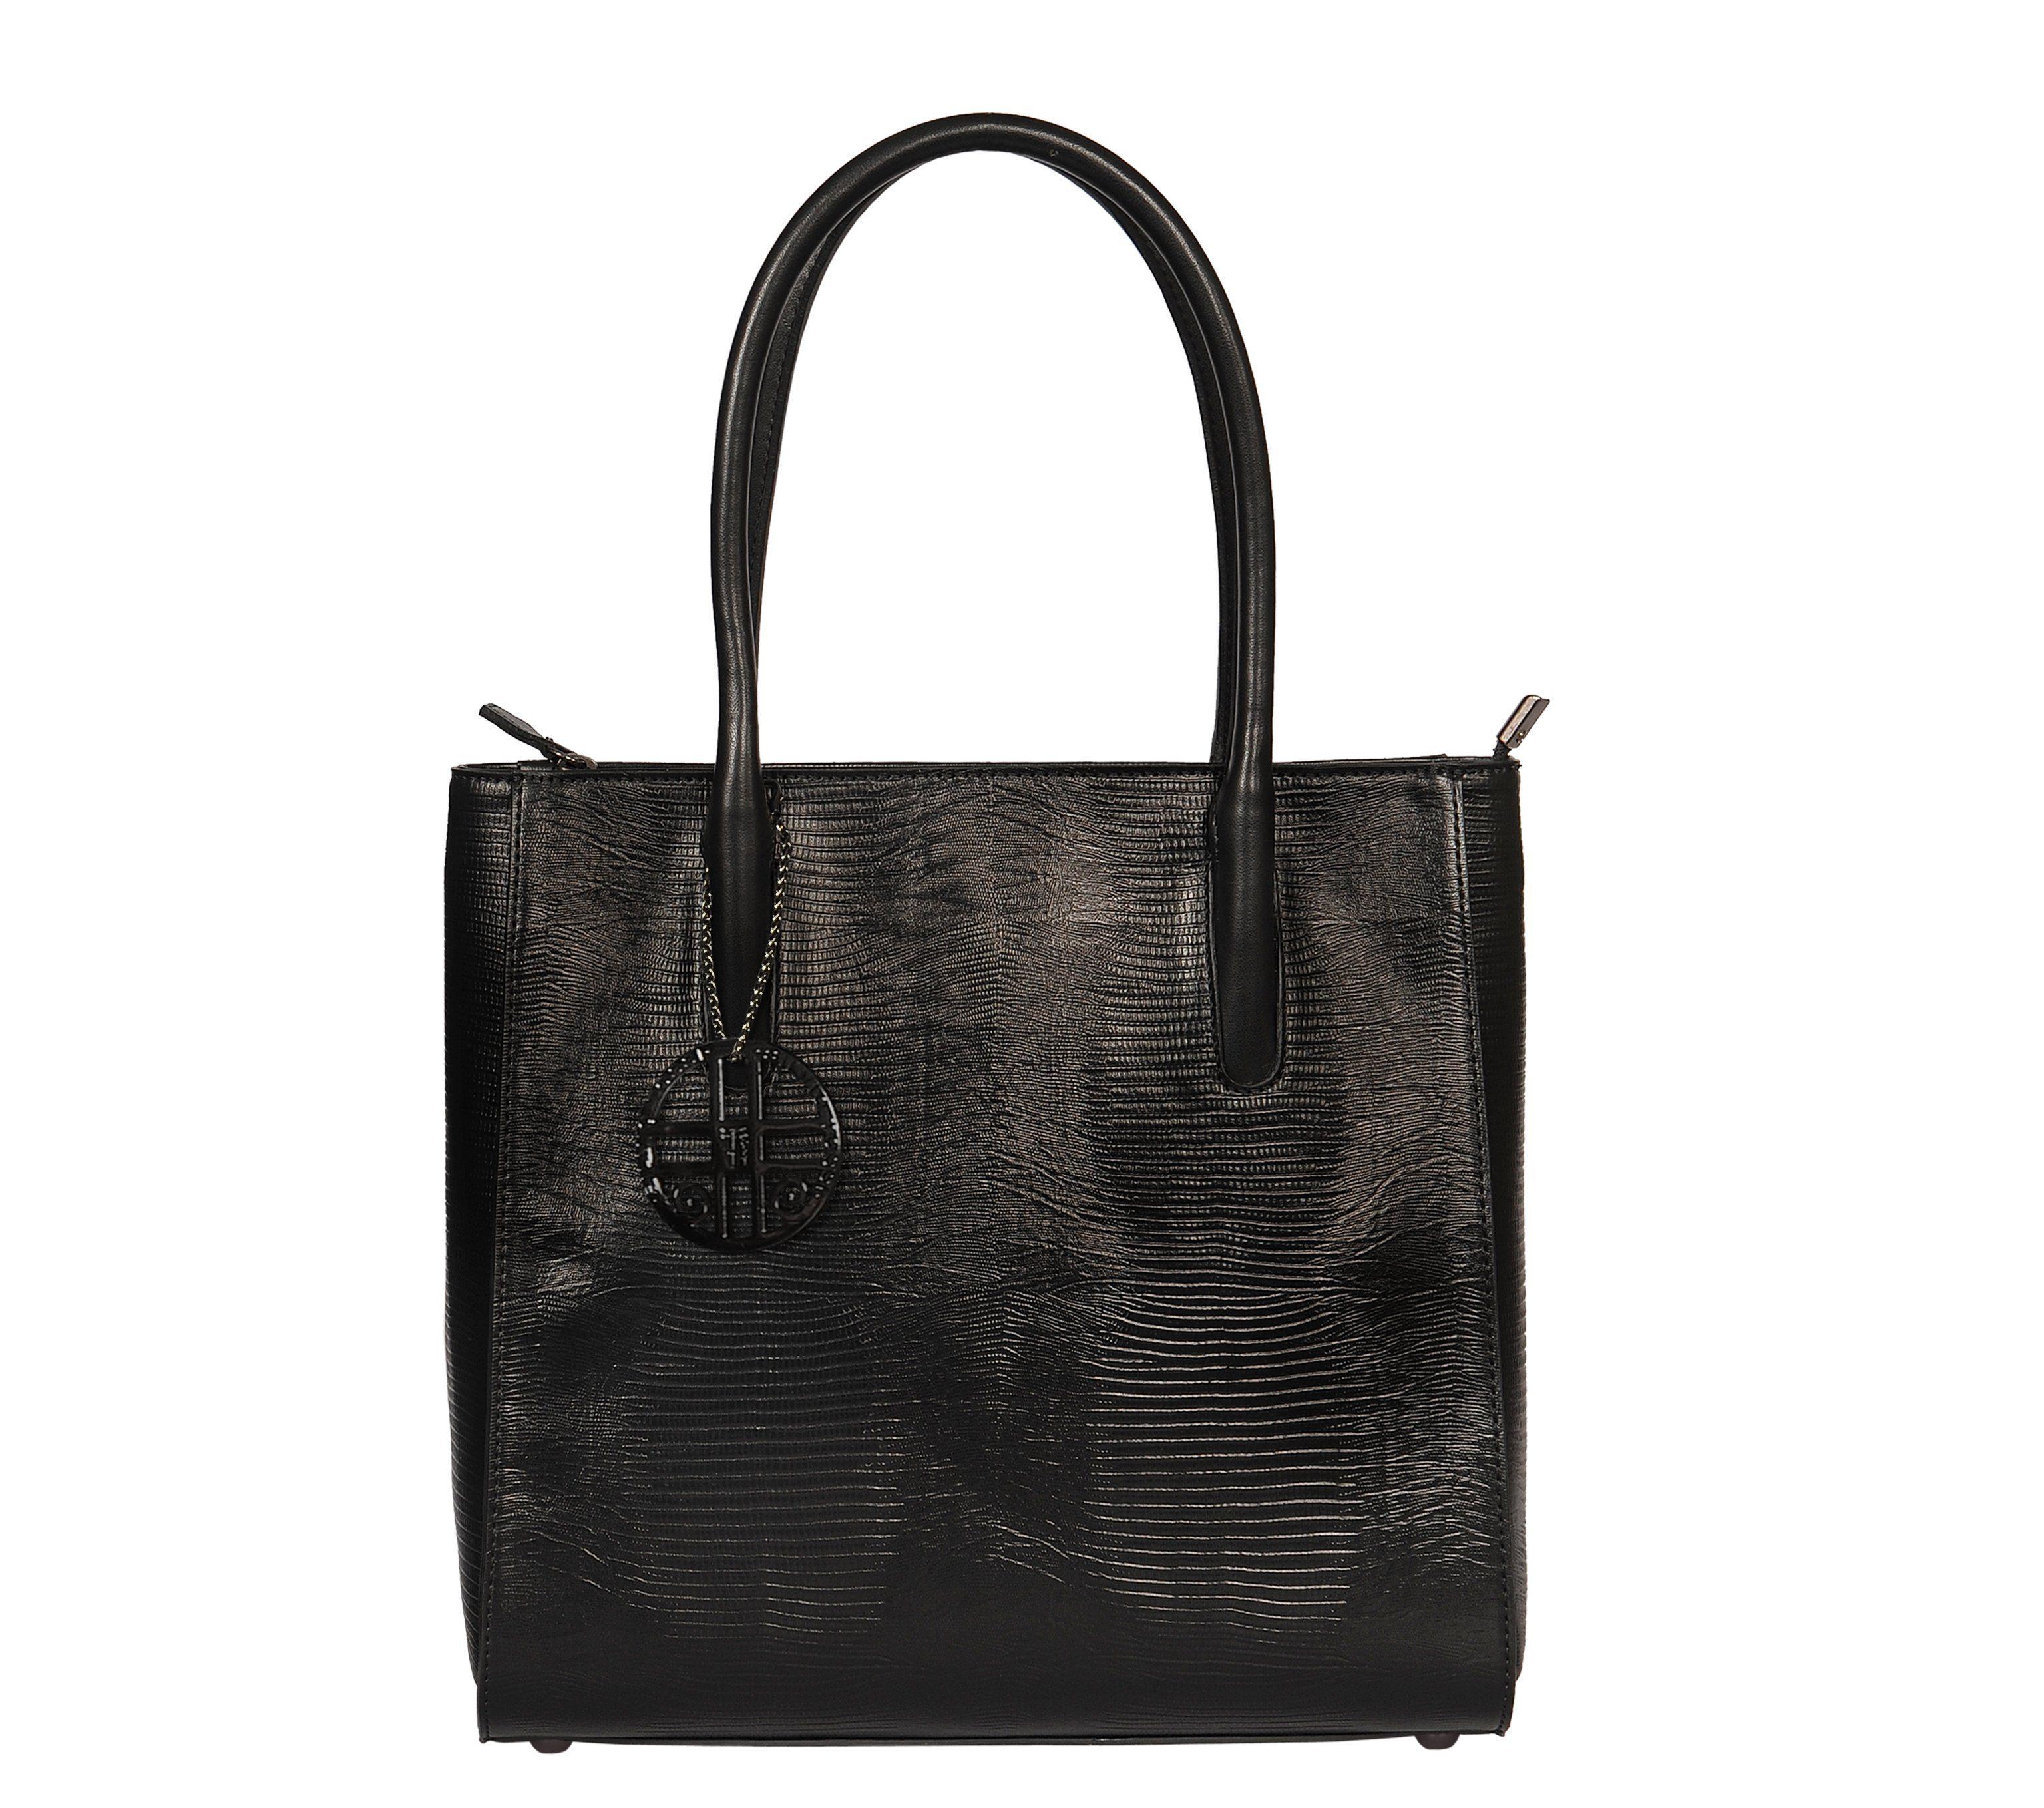 Silvio Tossi Handtasche im Echsen-Design mit Markenanhänger